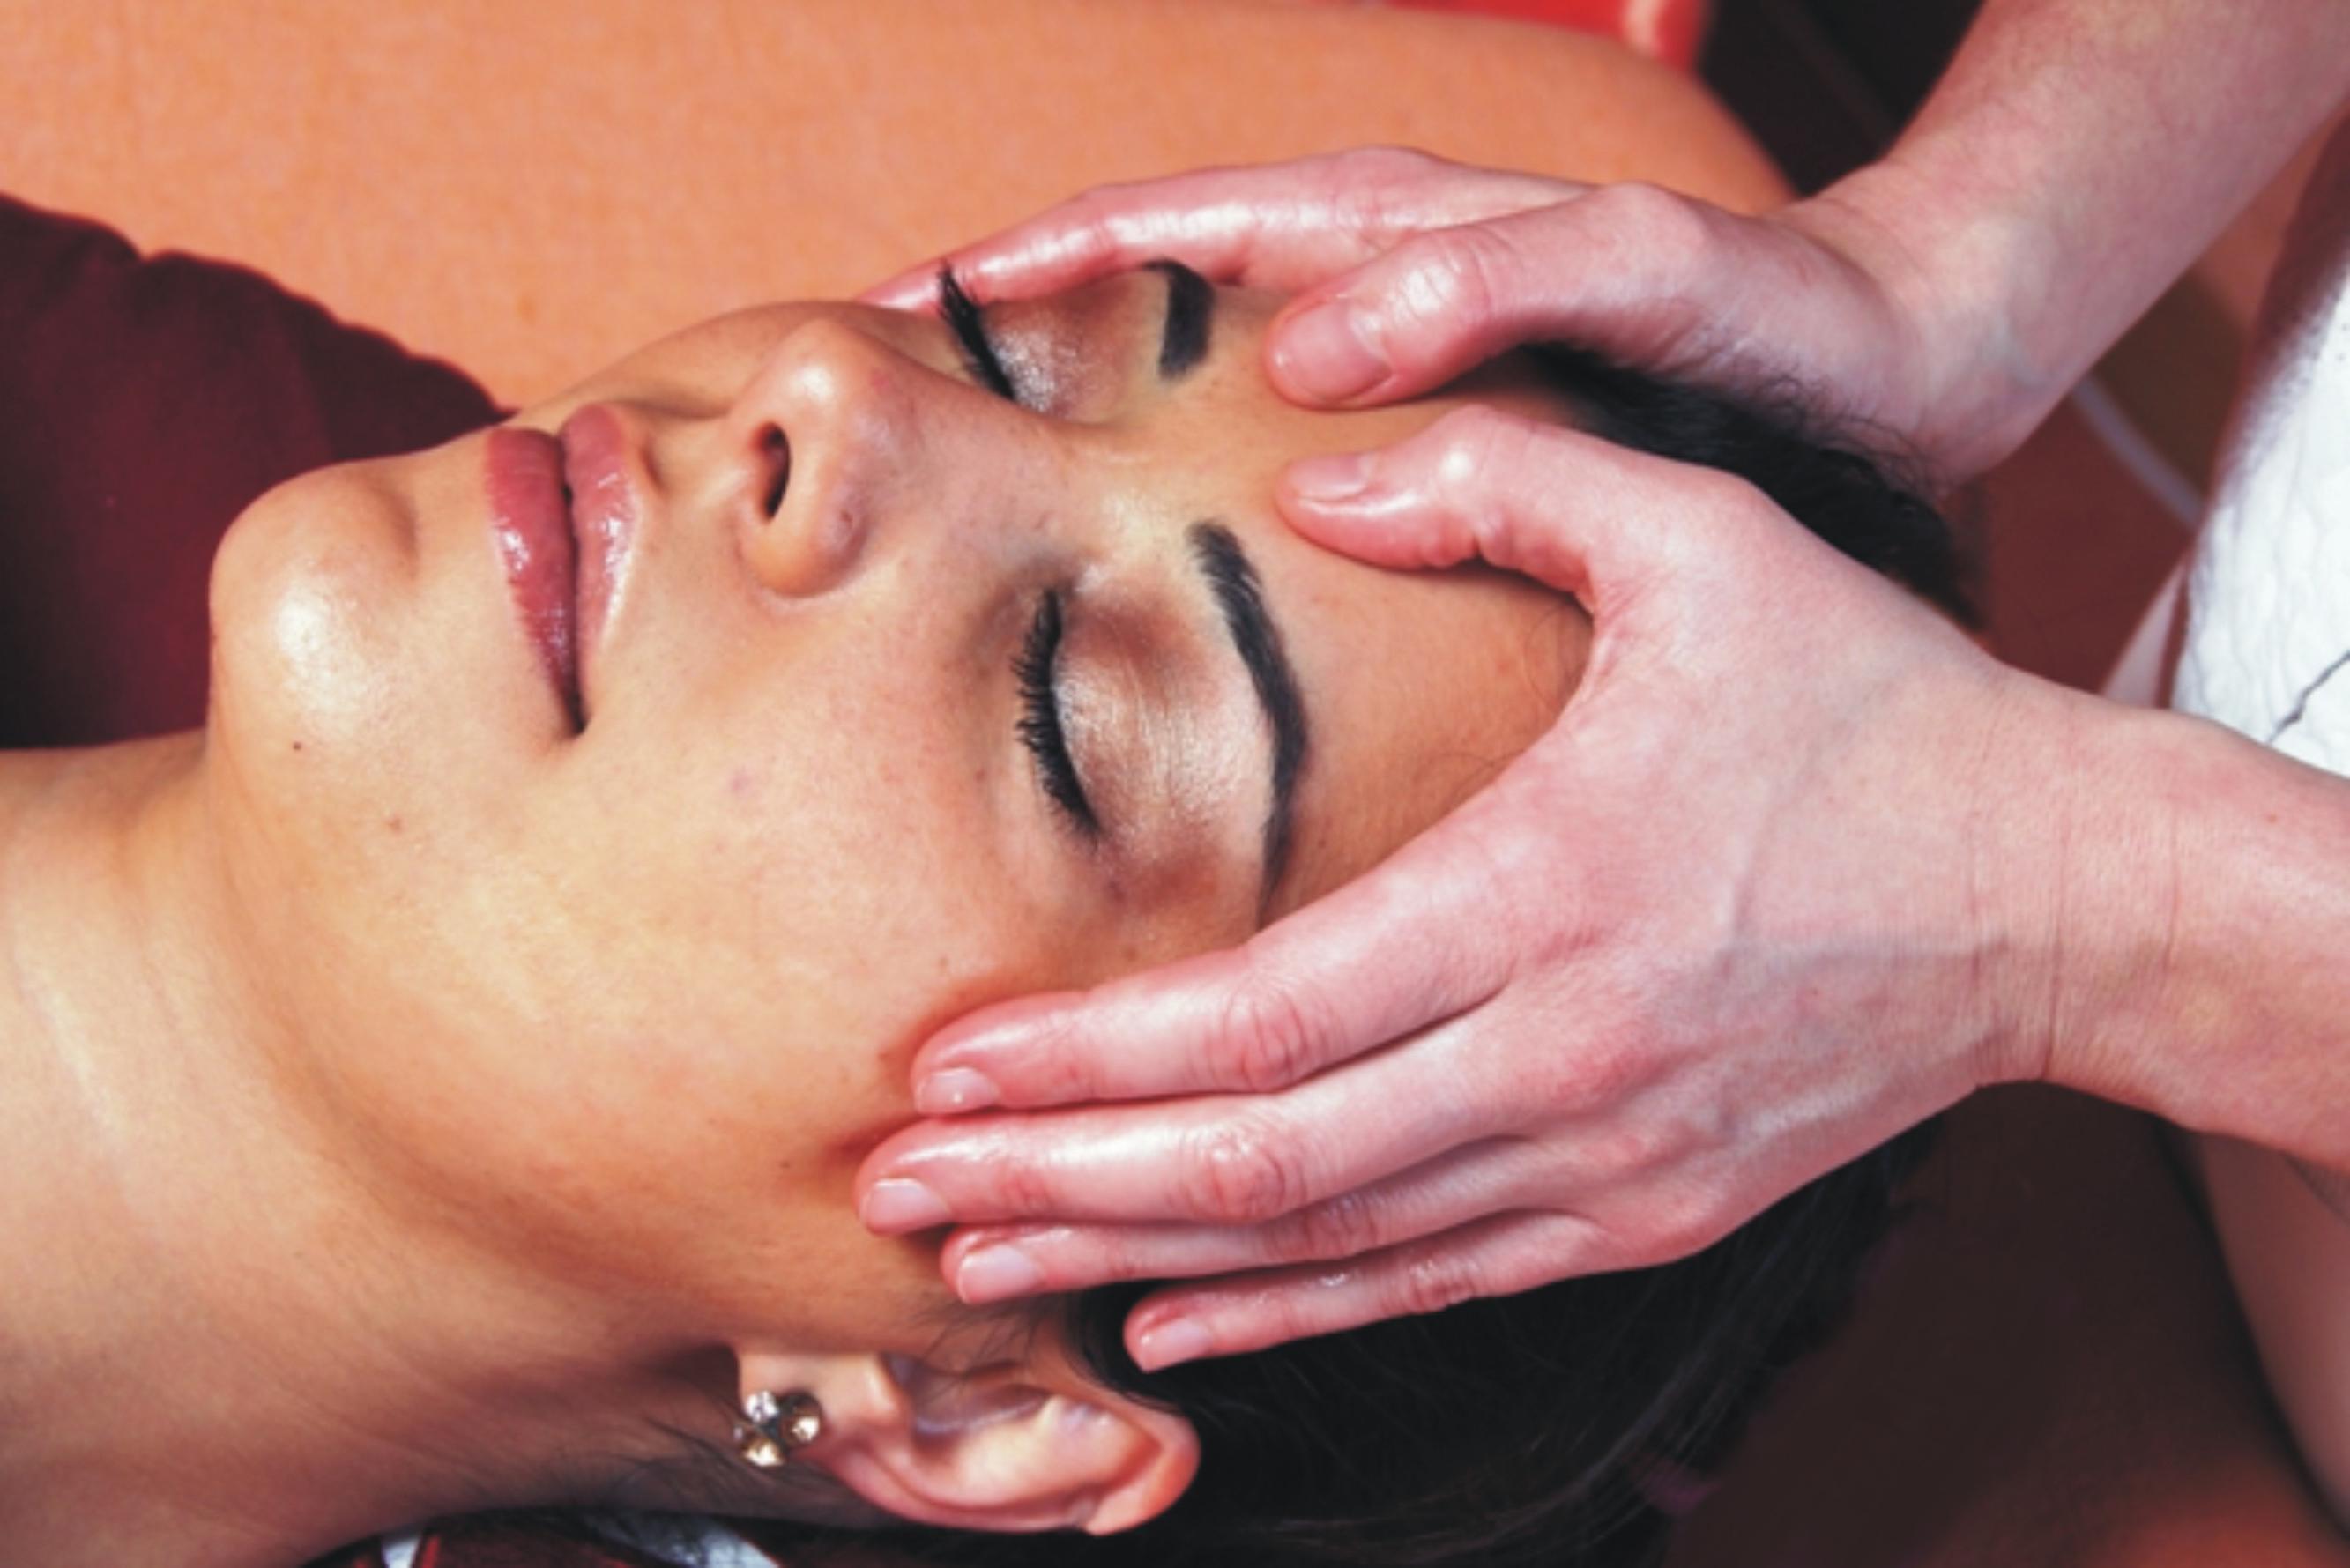 Gesichtsmassage Frau